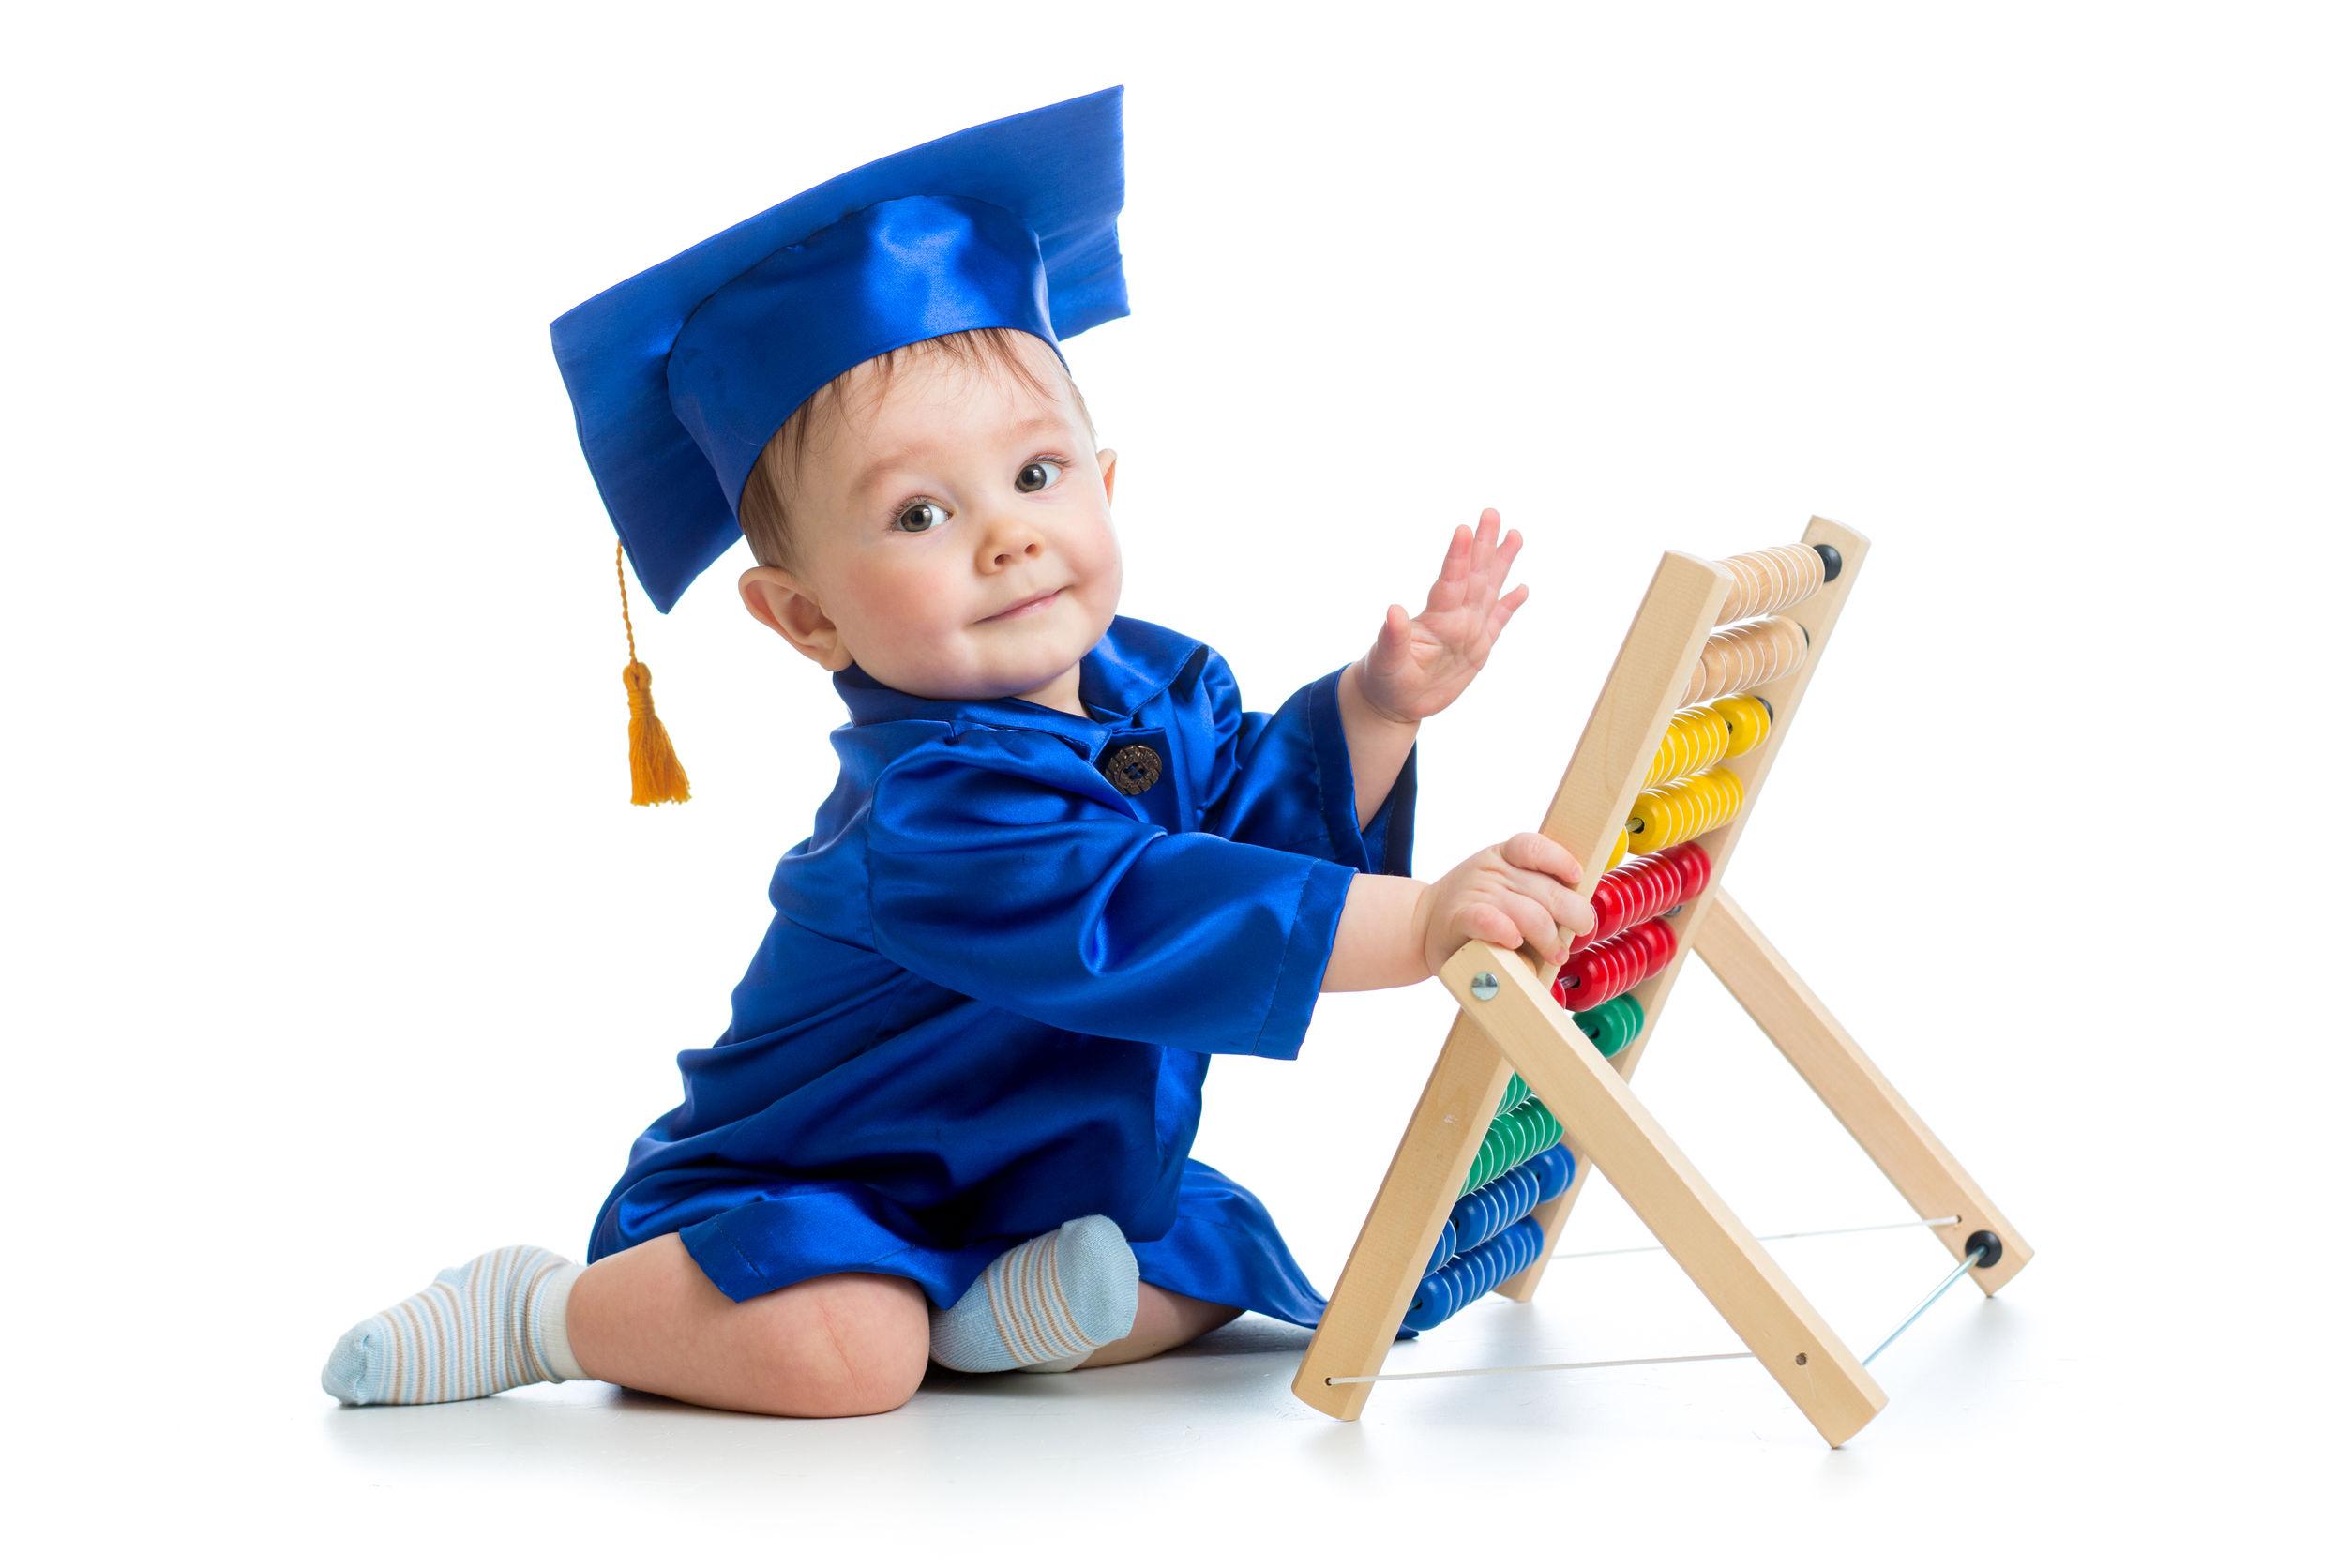 「赤ちゃん 勉強」の画像検索結果